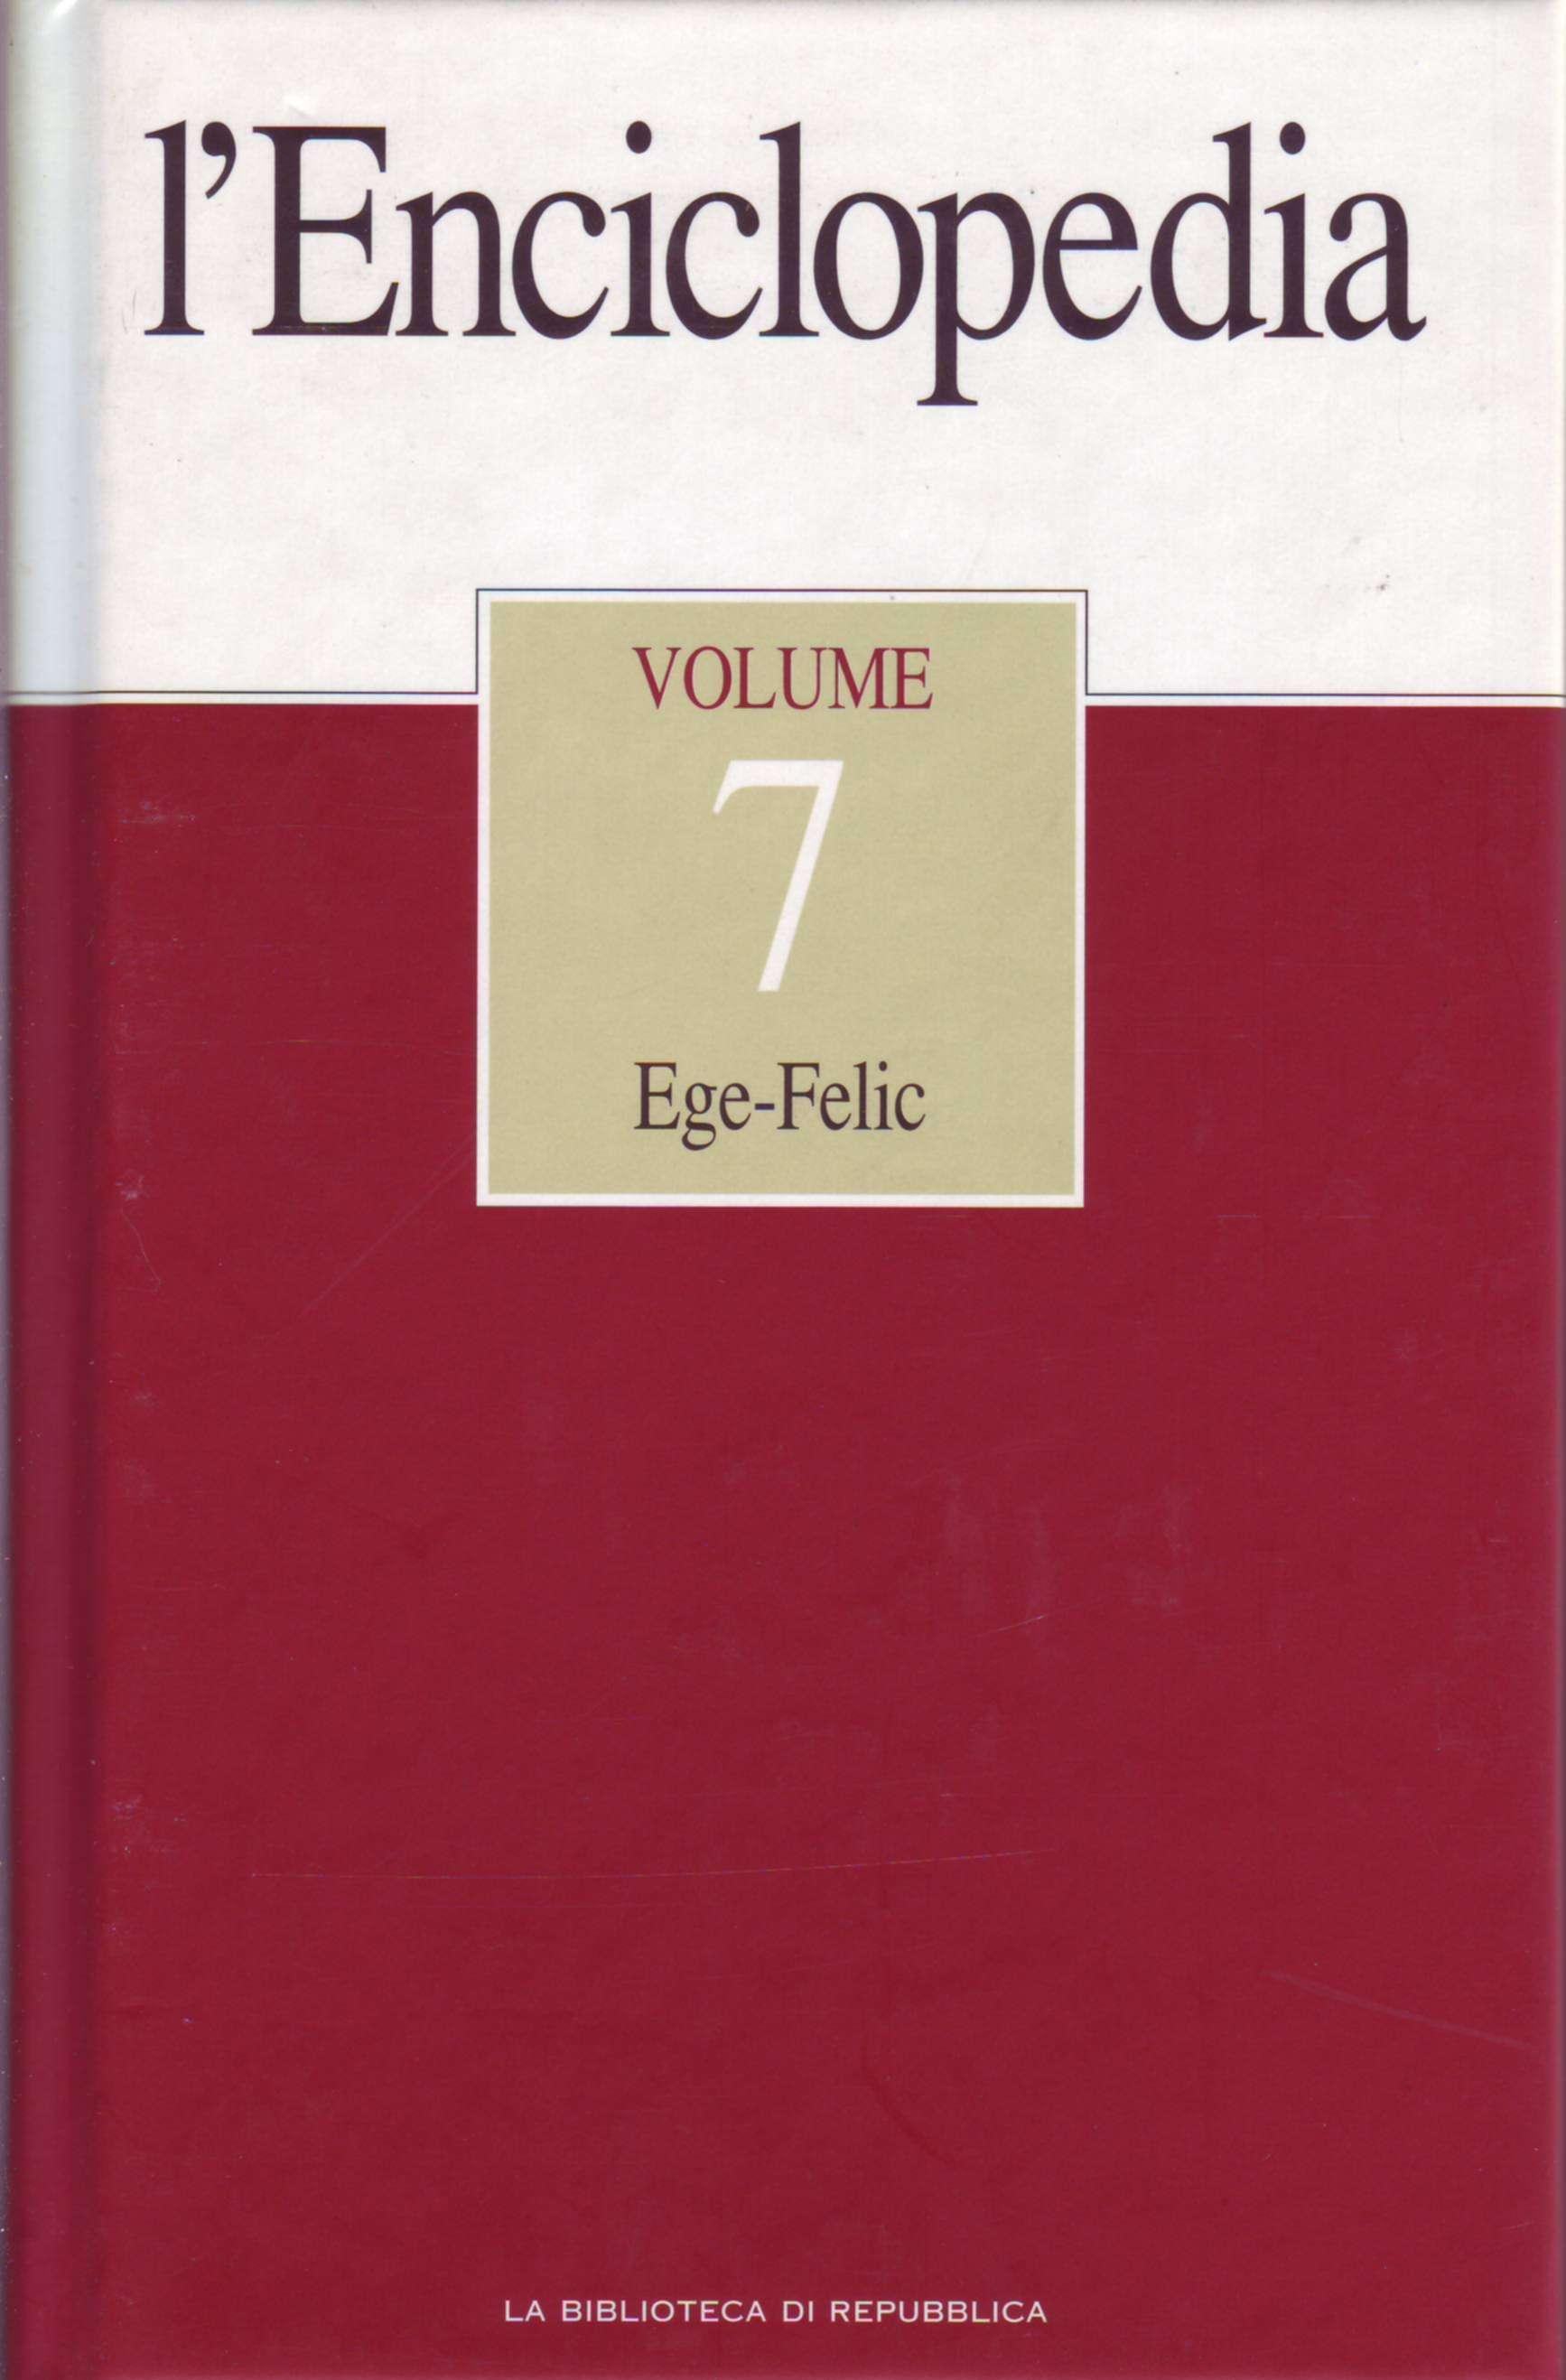 L'Enciclopedia - Vol. 7